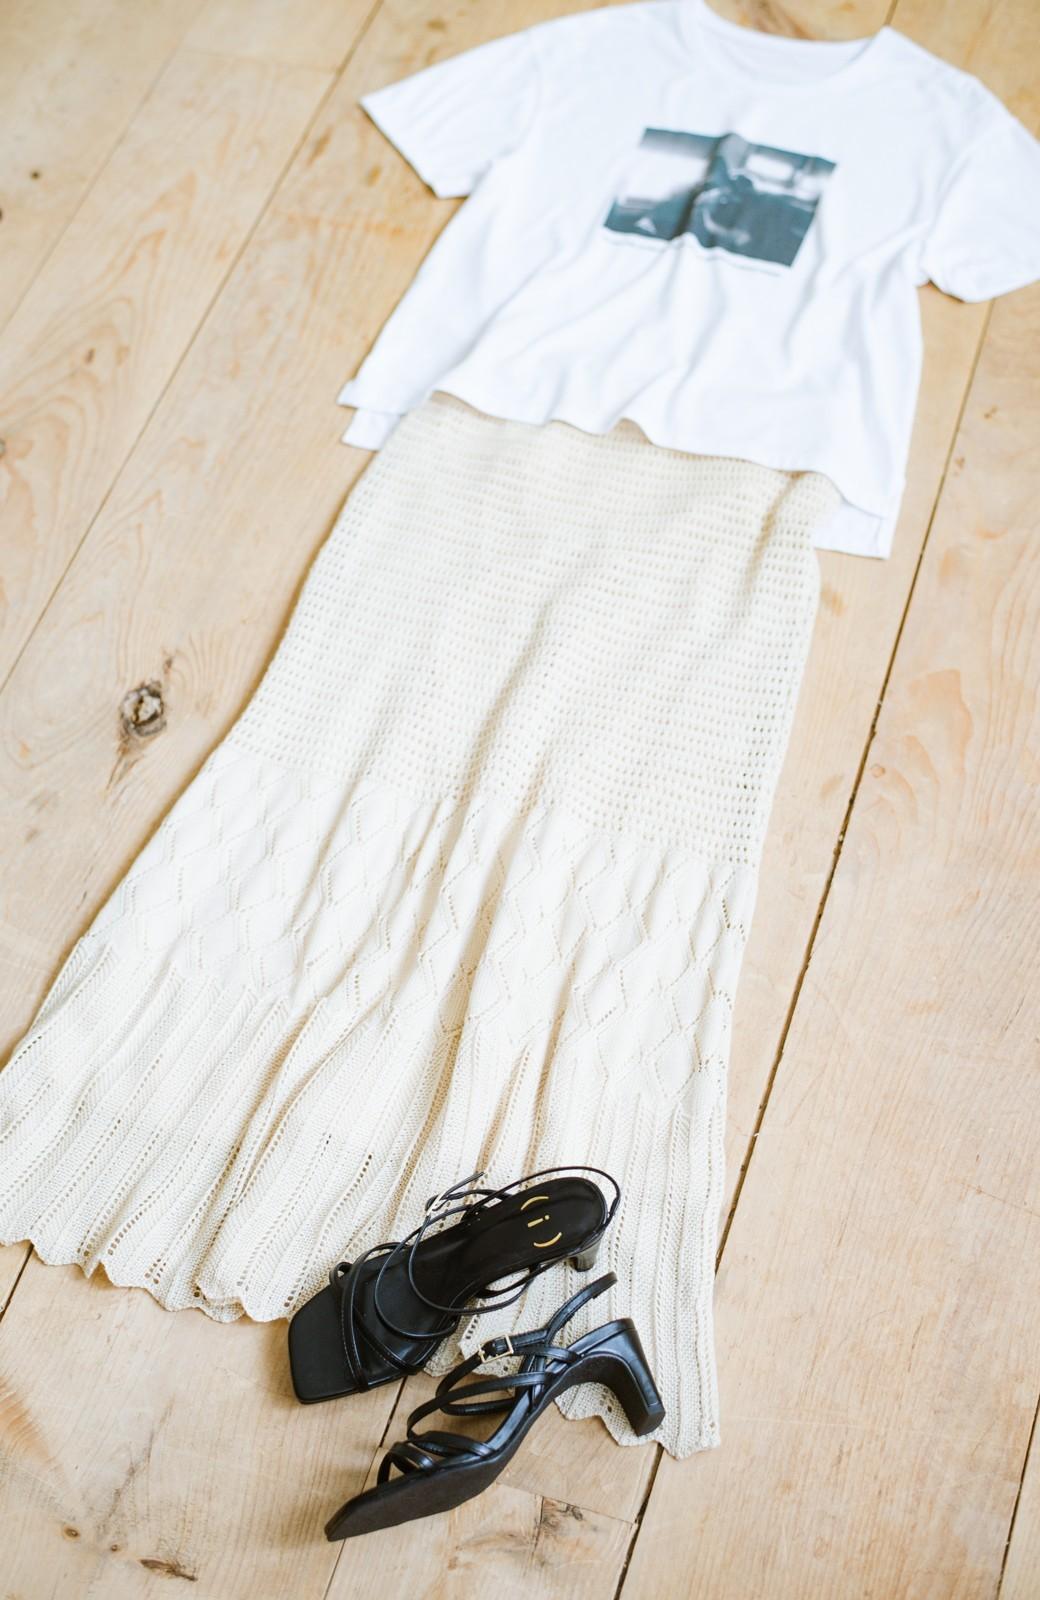 haco! 玄関でこれを履くだけでコーデが女っぽく&今っぽくまとまる 華奢な紐のヒールサンダル <ブラック>の商品写真3